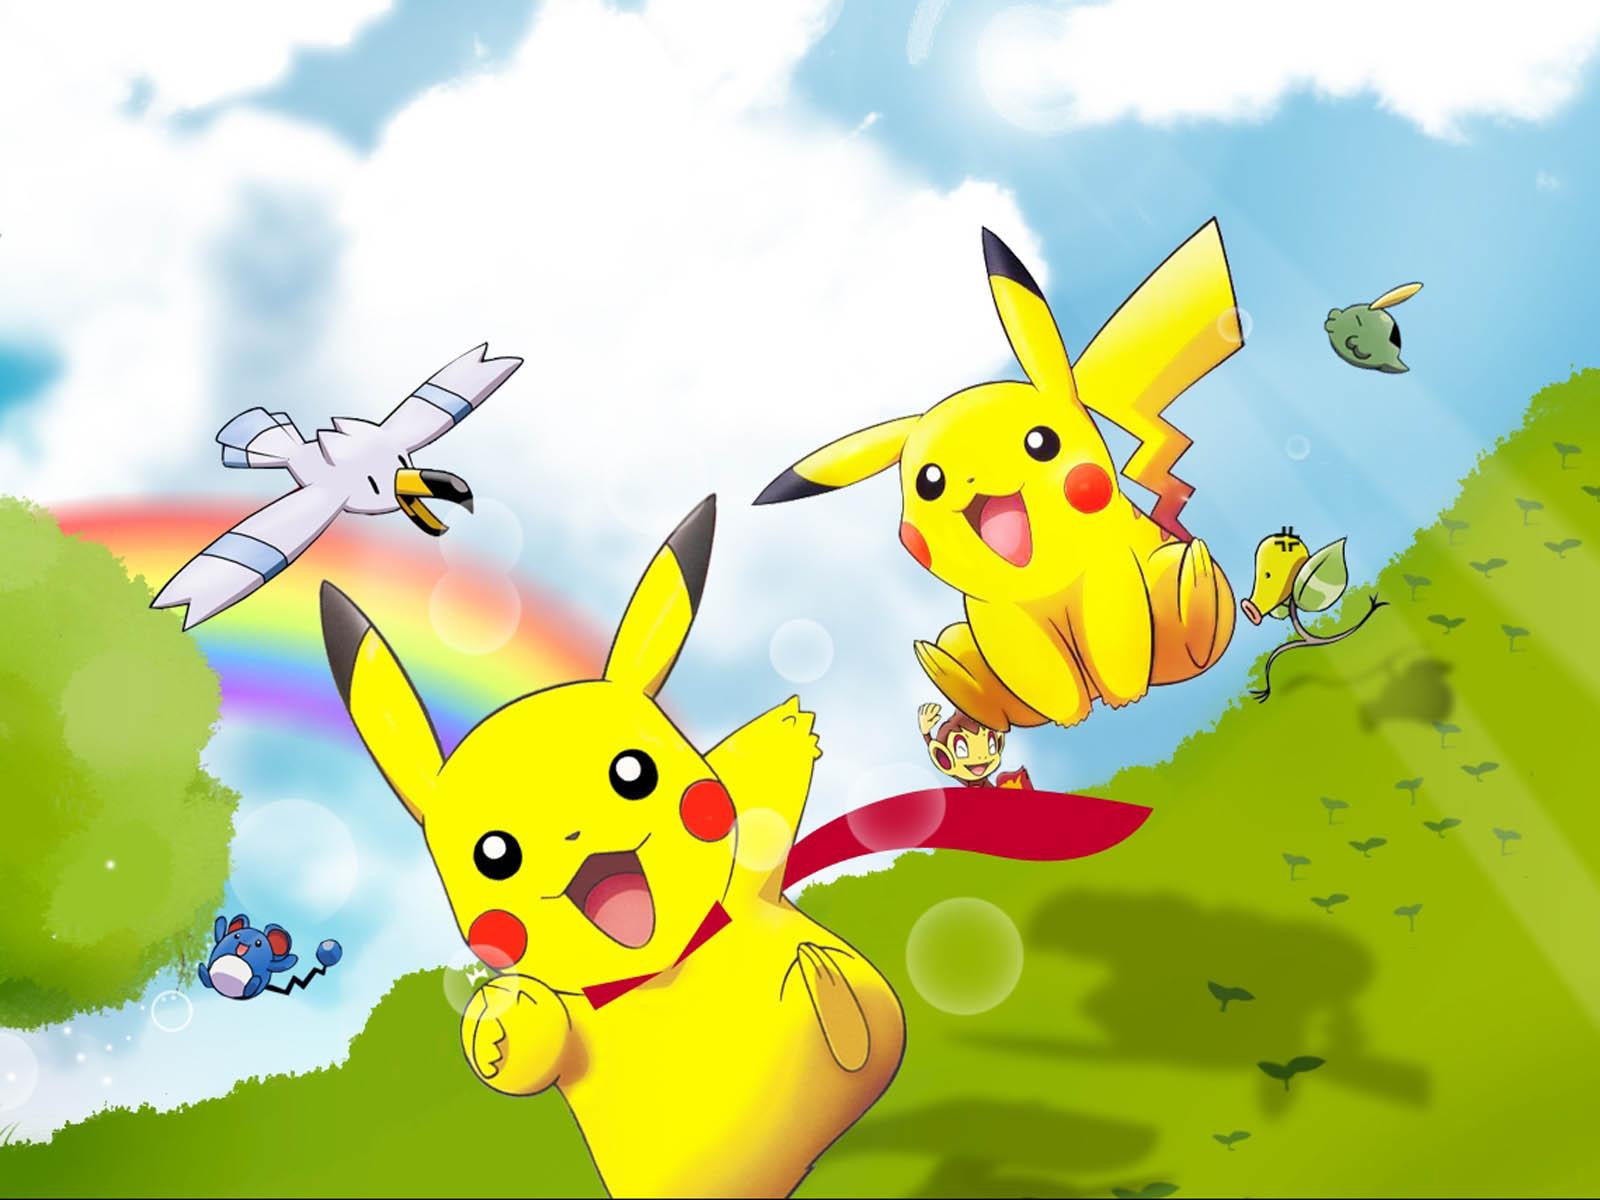 pikachu pokemon wallpaper - photo #2